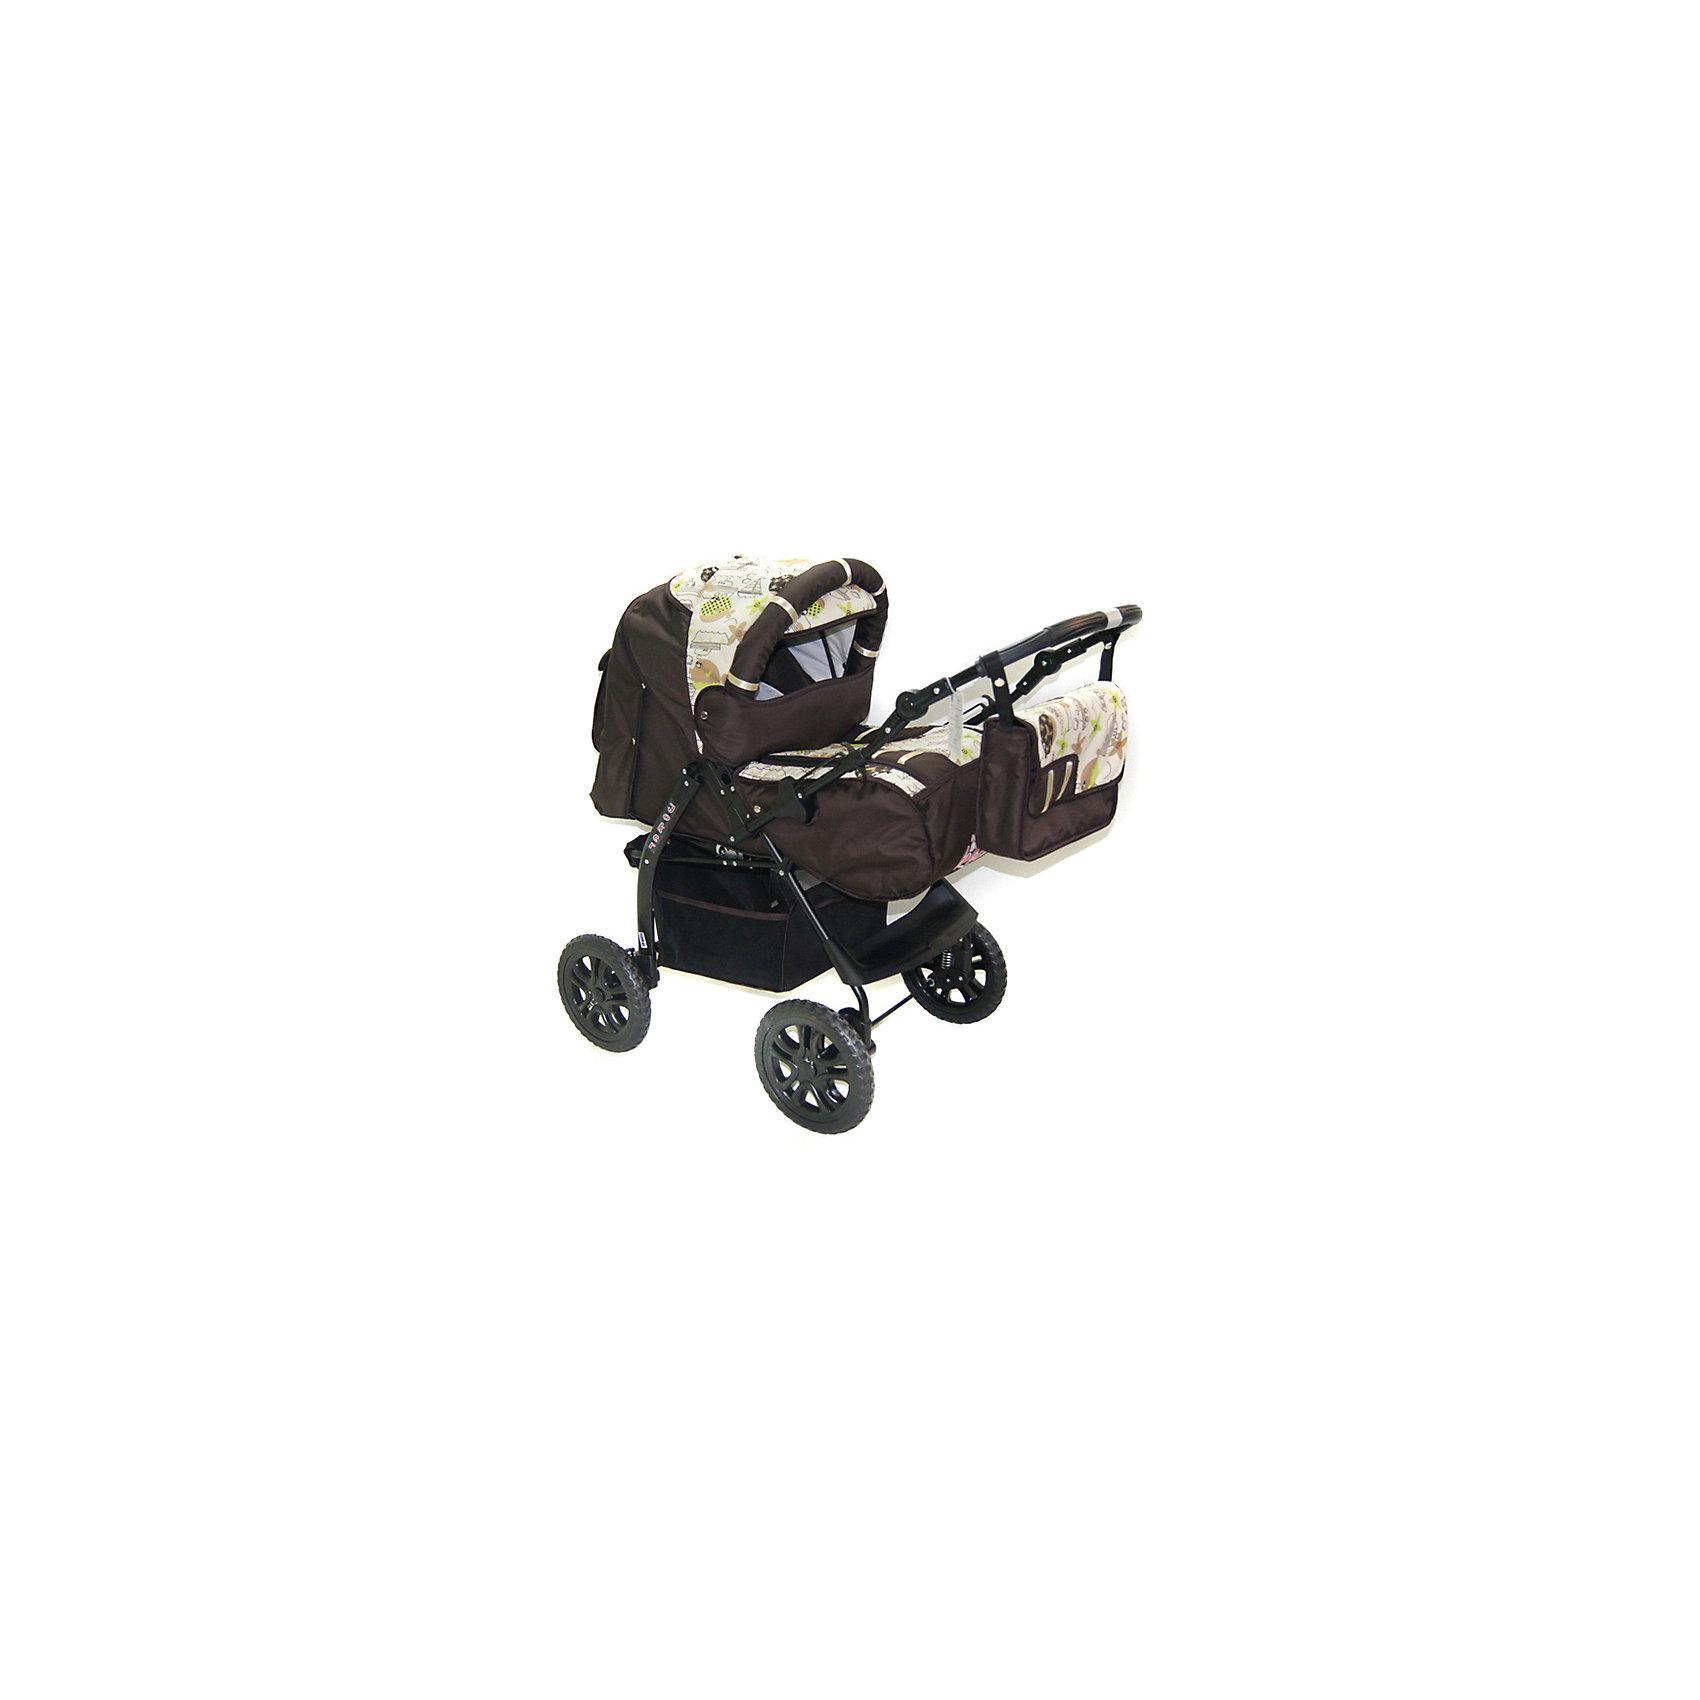 Коляска-трансформер KACPER JOKER КОРАБЛИКИ, темно-шоколадныйКоляски-трансформеры<br>KACPER Коляска JOKER КОРАБЛИКИ темно-шоколадный (рег. ручка, колёса иммит,сумка,дожд,москит)<br><br>Ширина мм: 350<br>Глубина мм: 950<br>Высота мм: 620<br>Вес г: 15000<br>Возраст от месяцев: -2147483648<br>Возраст до месяцев: 2147483647<br>Пол: Унисекс<br>Возраст: Детский<br>SKU: 5500207